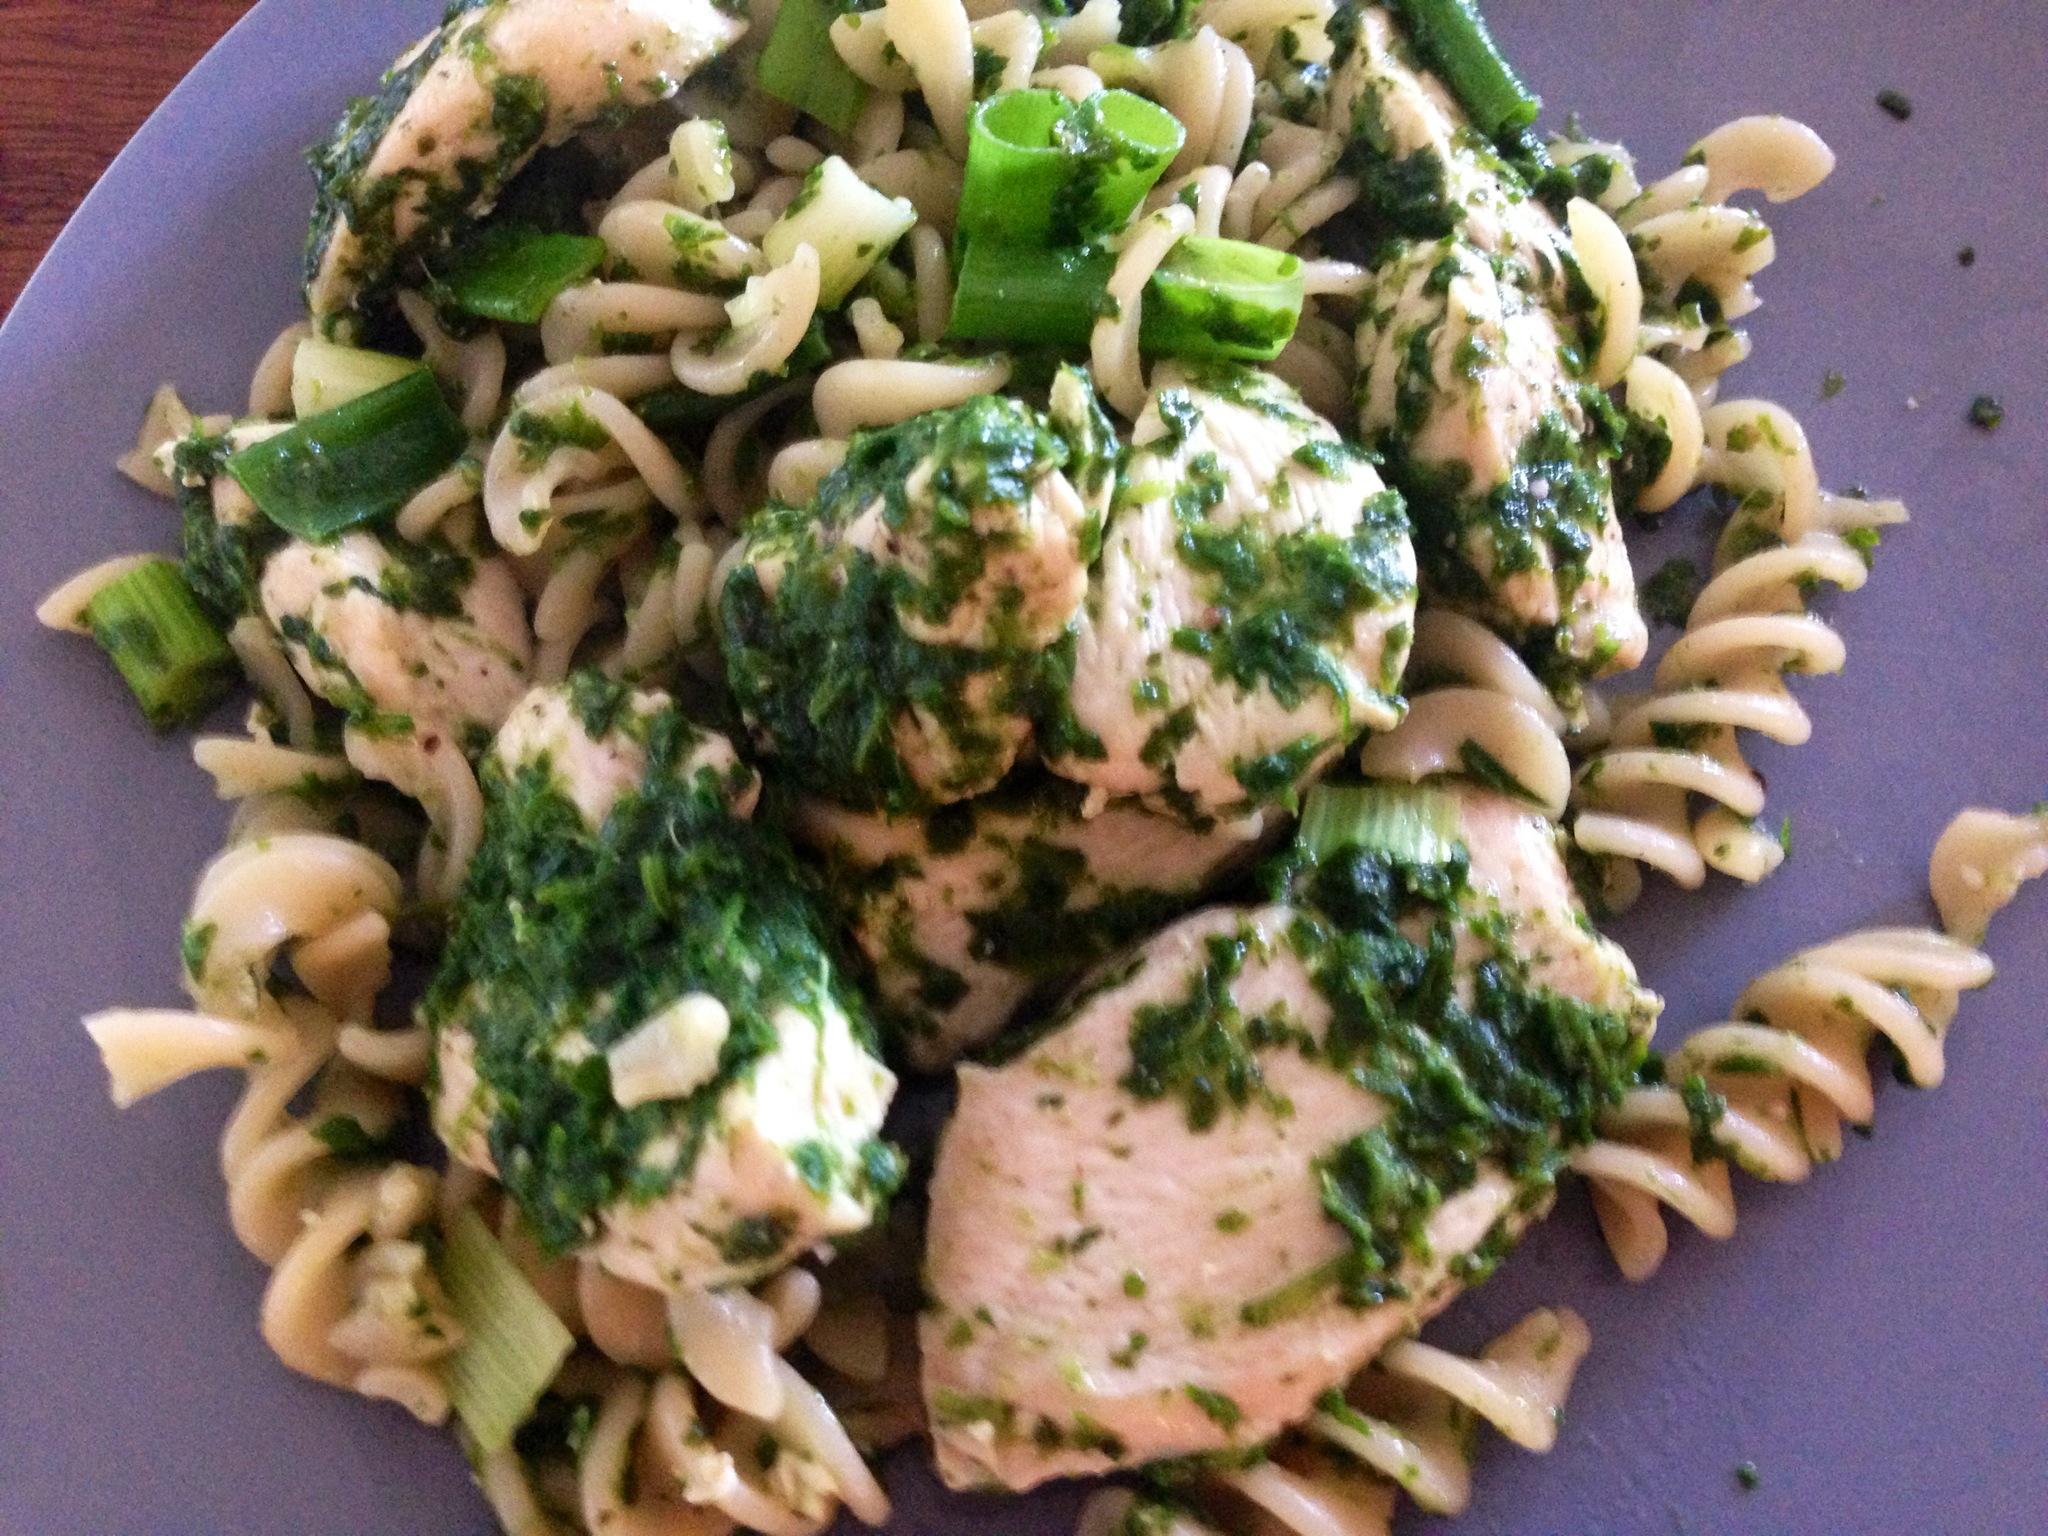 Pasta salat med kylling og spinat